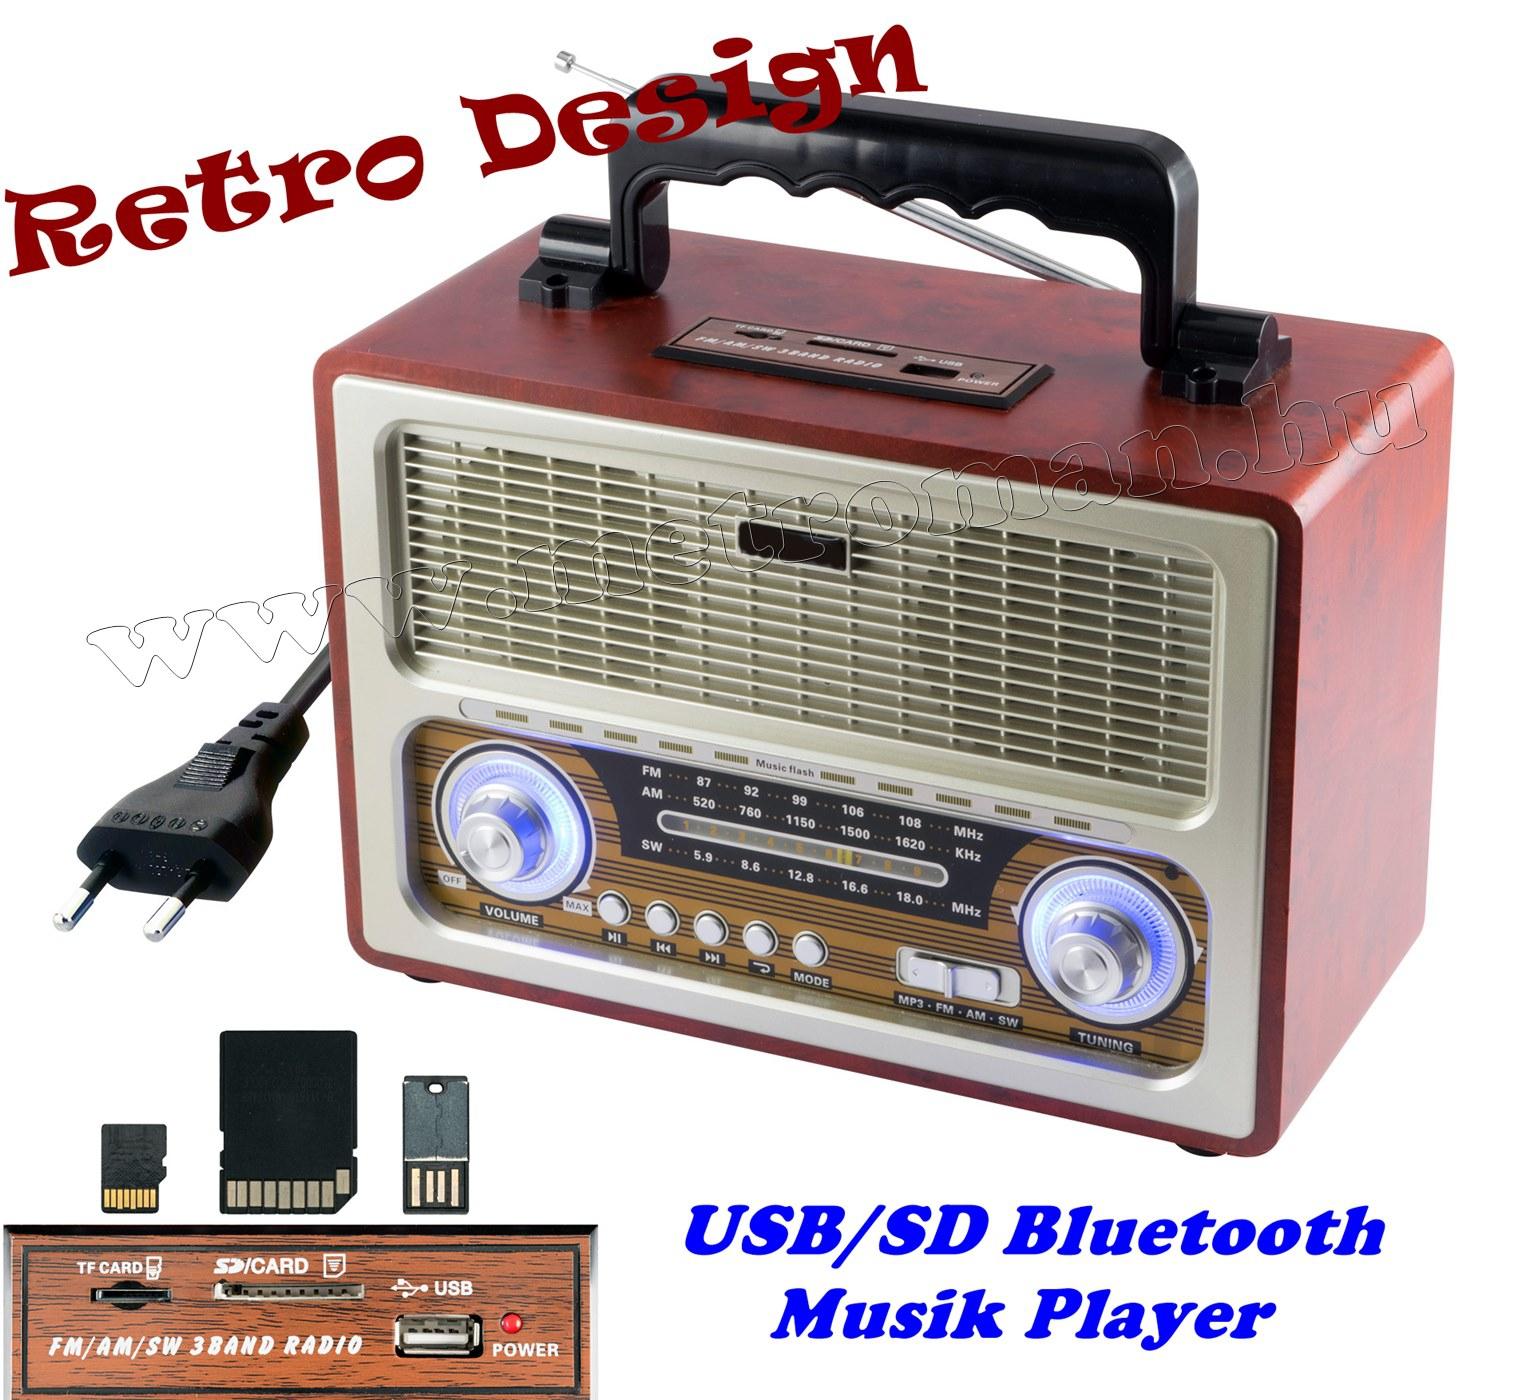 Hordozható Retro rádió és USB/SD MP3 Bluetooth Multimédia Zenelejátszó RRT 3B